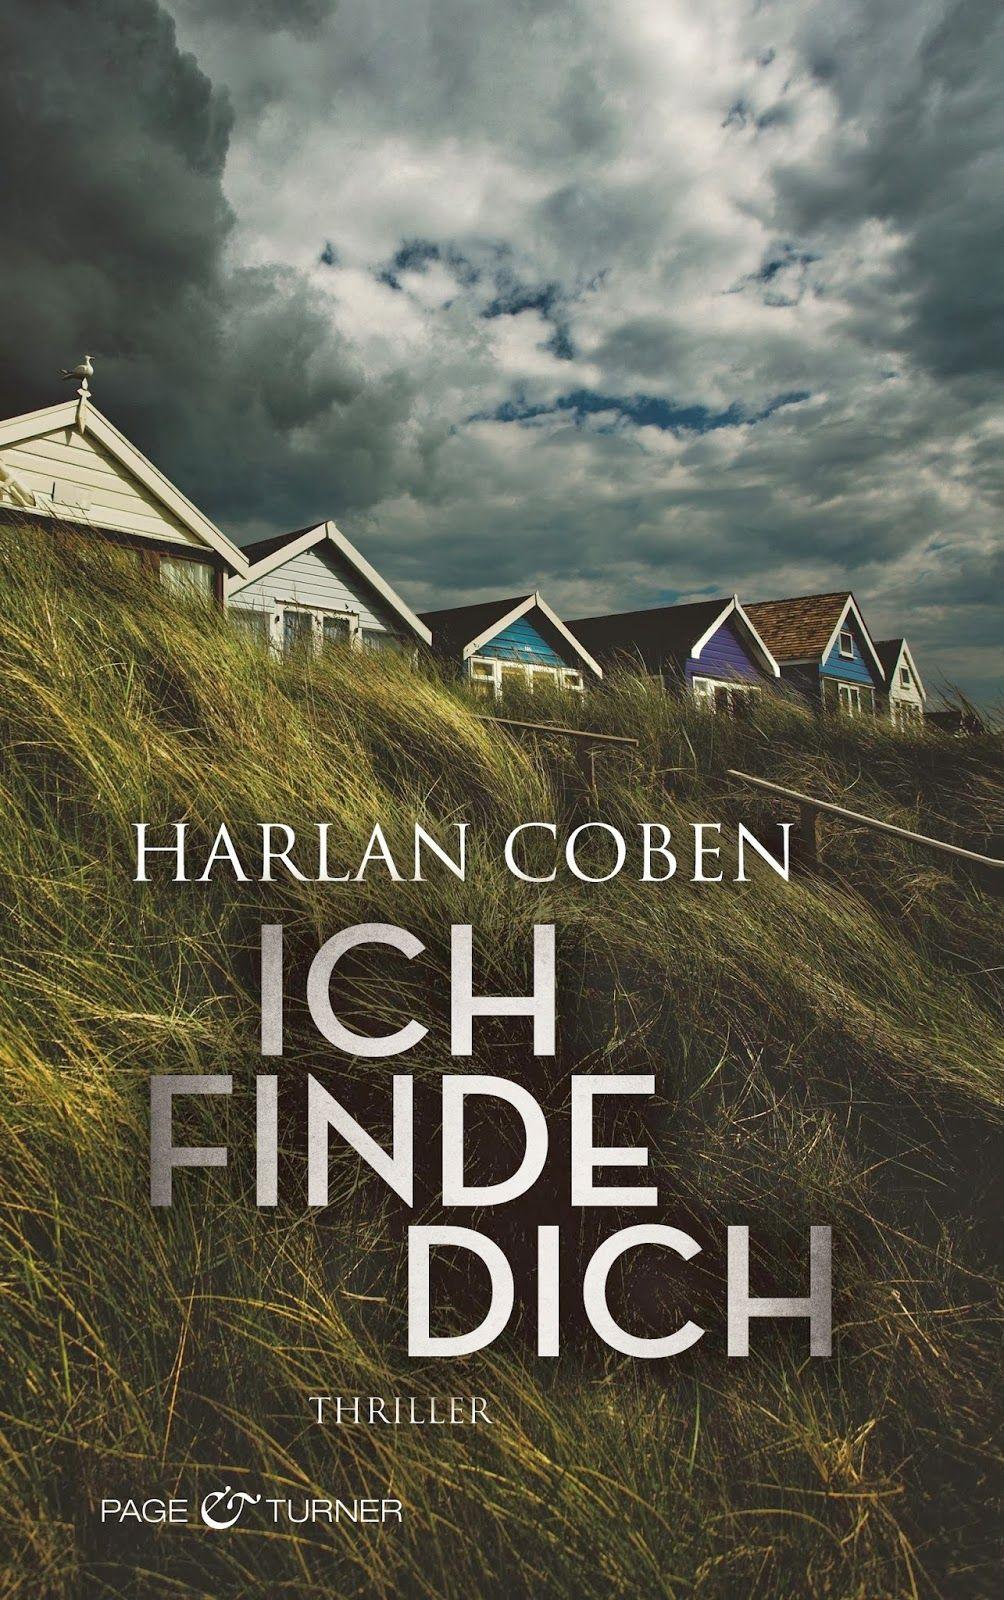 """Manjas Buchregal: Gelesen: """"Ich finde dich"""" von Harlan Coben"""